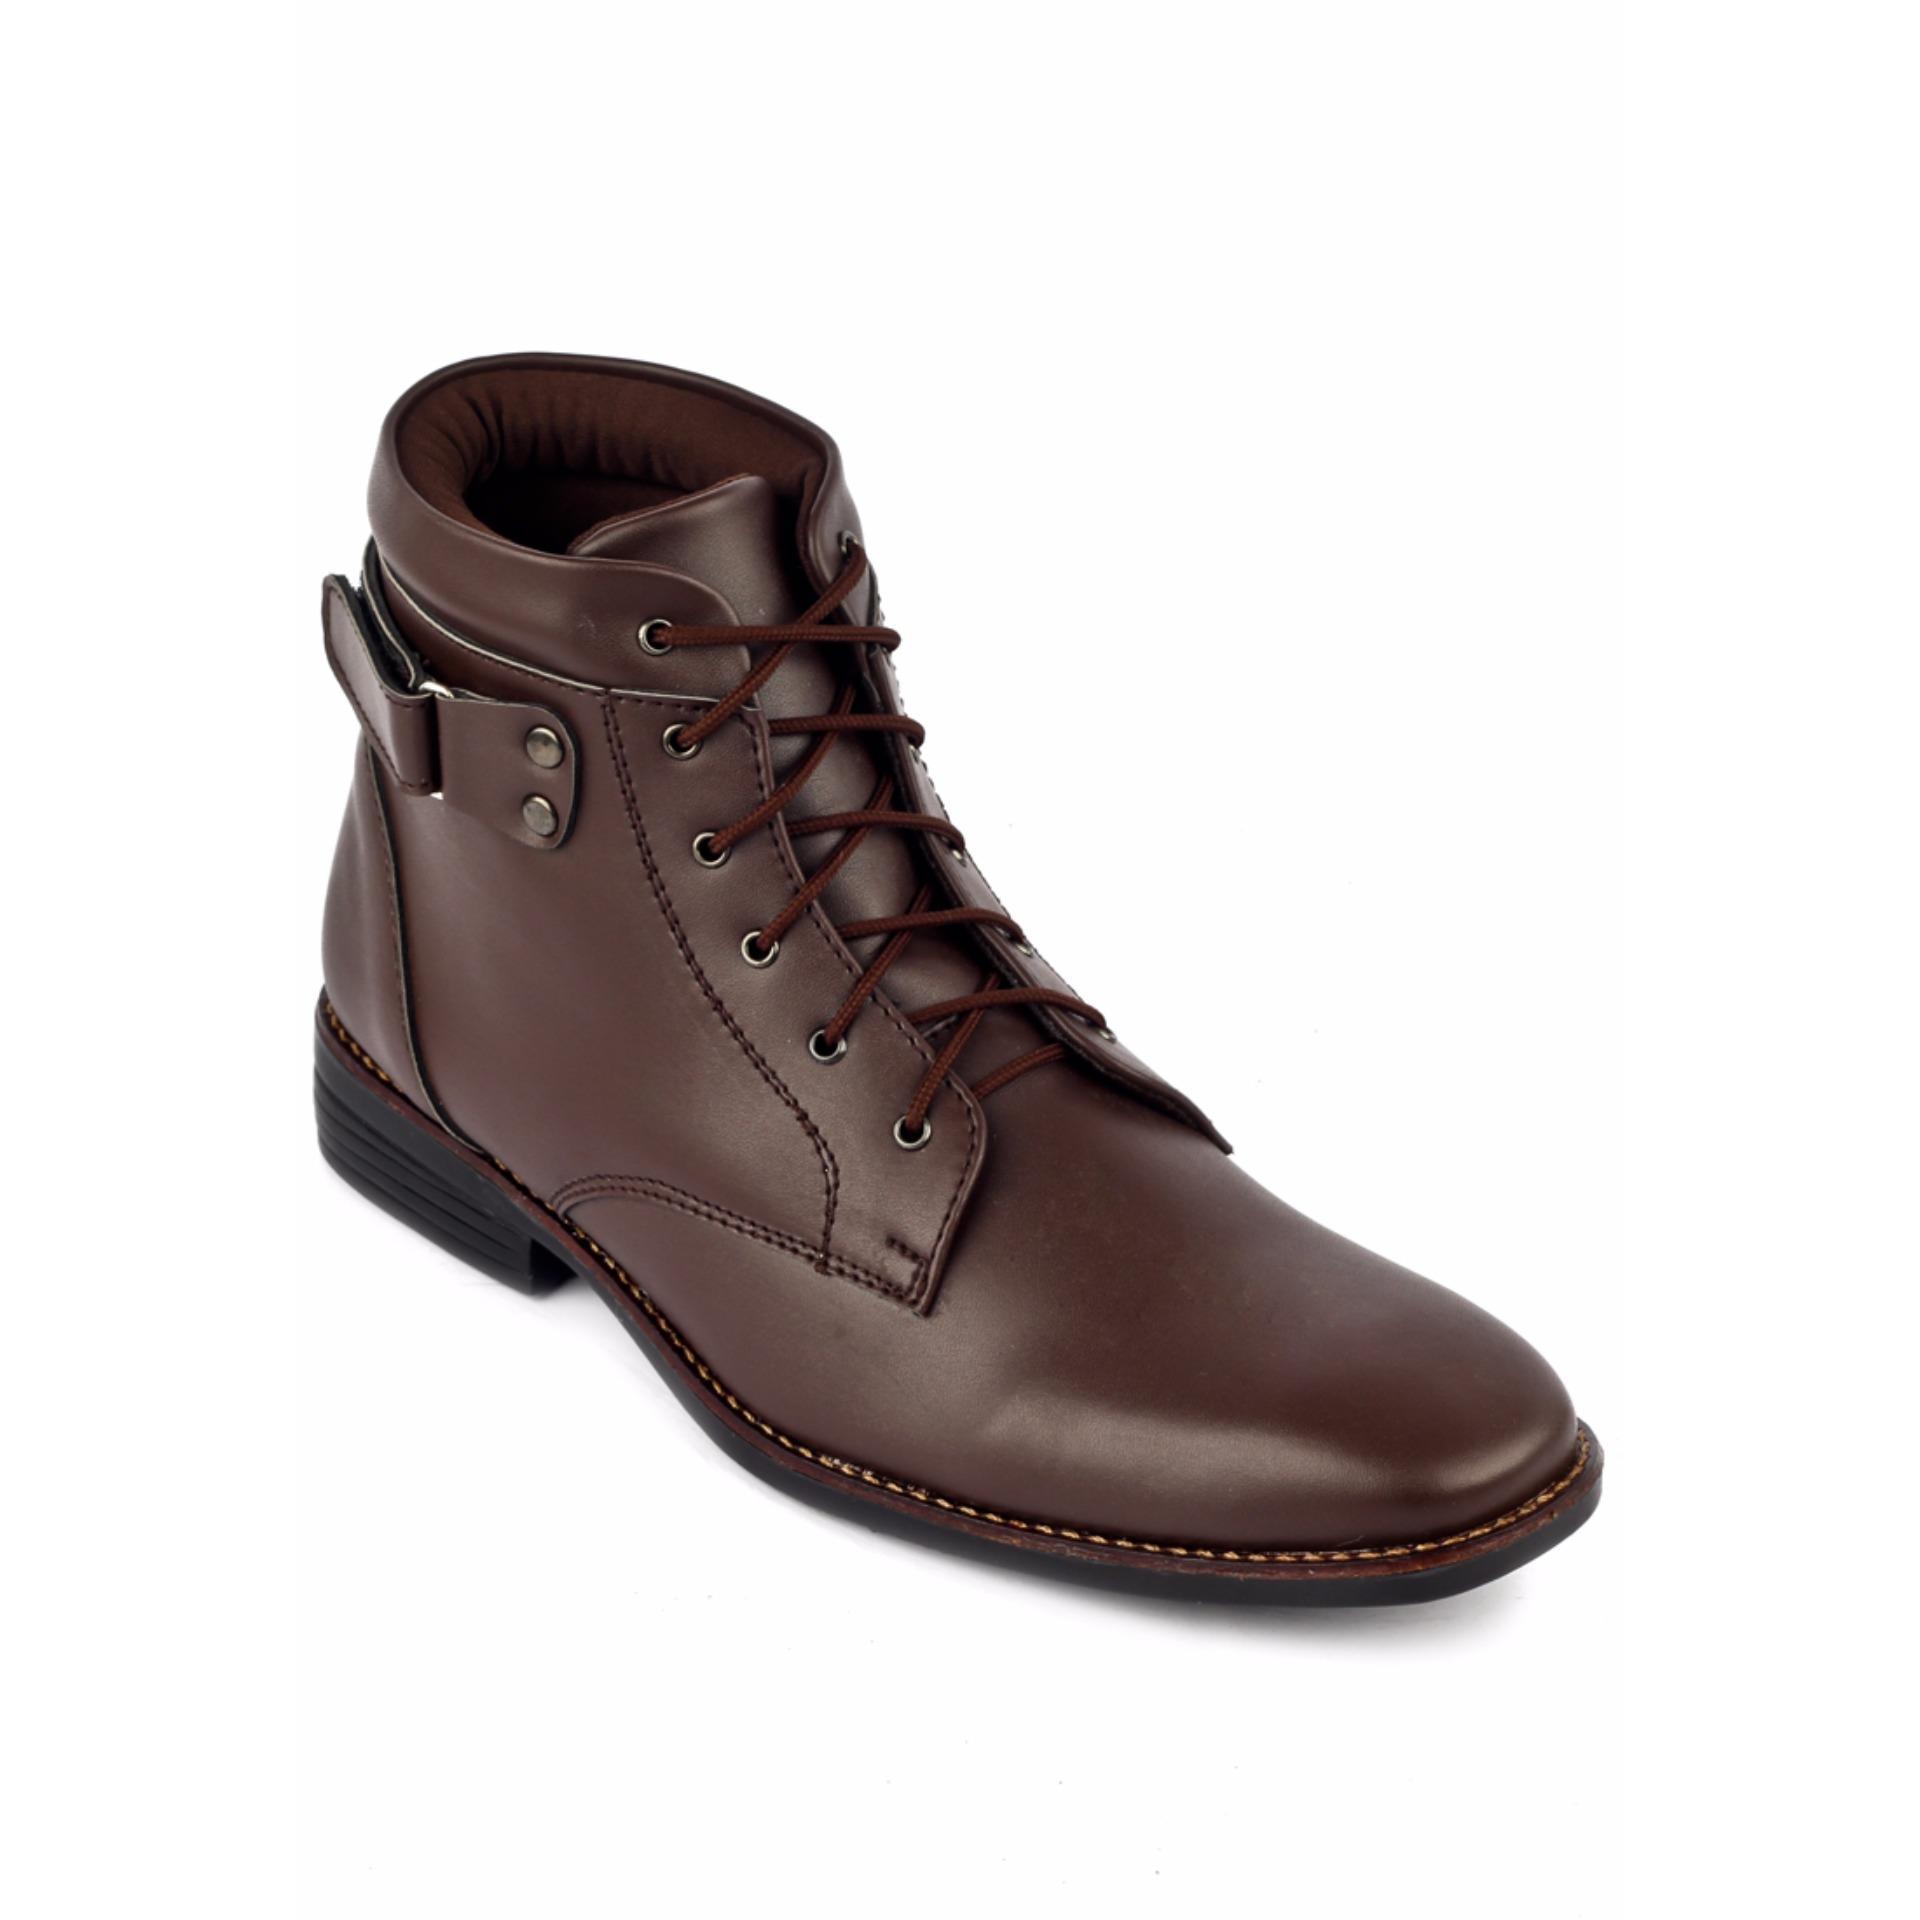 Promo Sepatu Pria Navara Street Boots Brown Murah